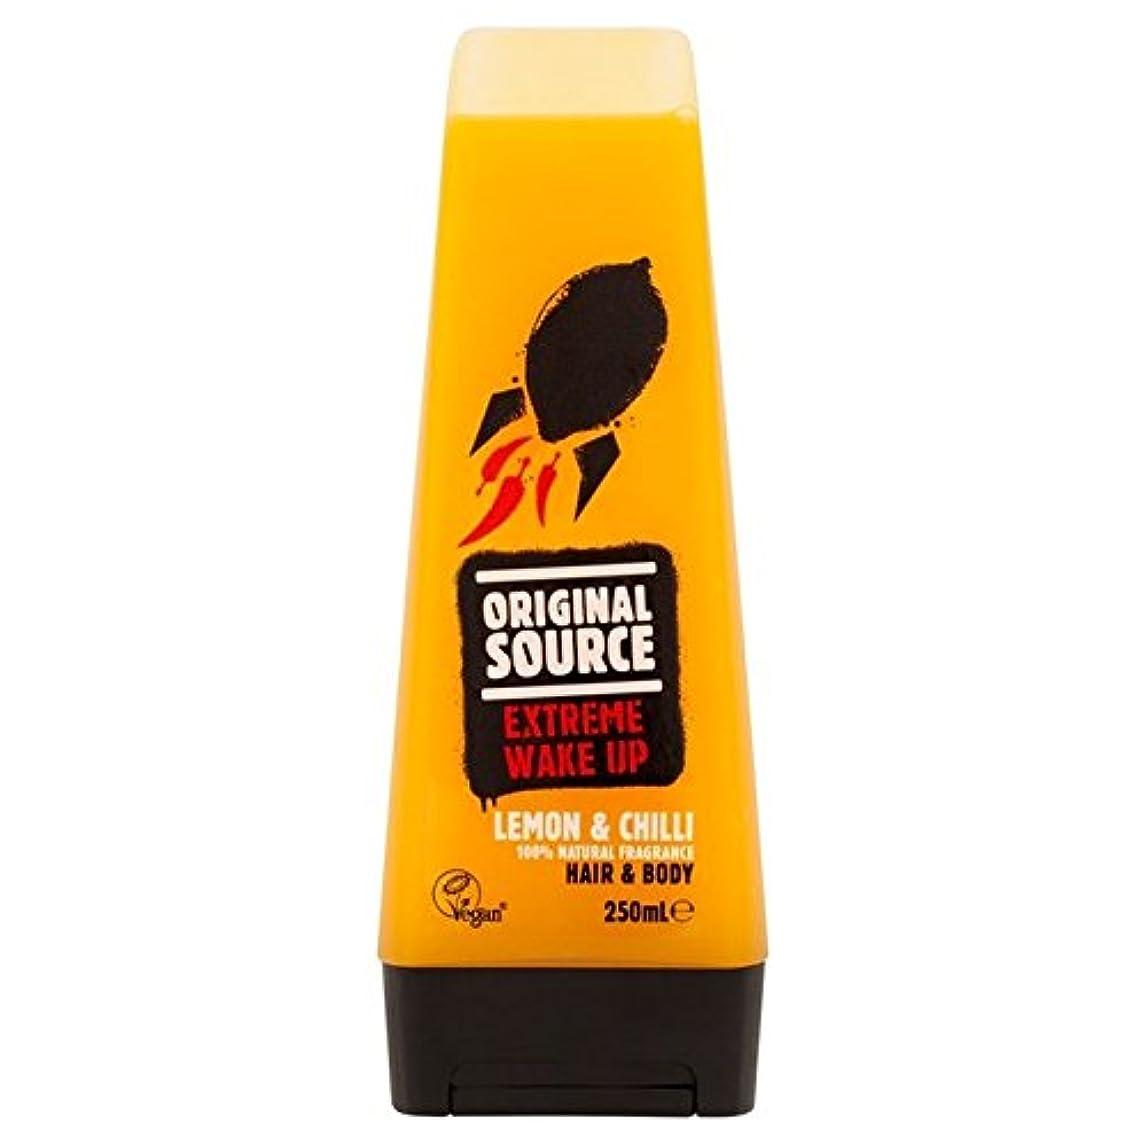 線インチ合図Original Source Mens Lemon & Chilli Hair & Body Shower Gel 250ml (Pack of 6) - 元のソースは、レモン&チリヘア&ボディシャワージェル250ミリリットルメンズ x6 [並行輸入品]